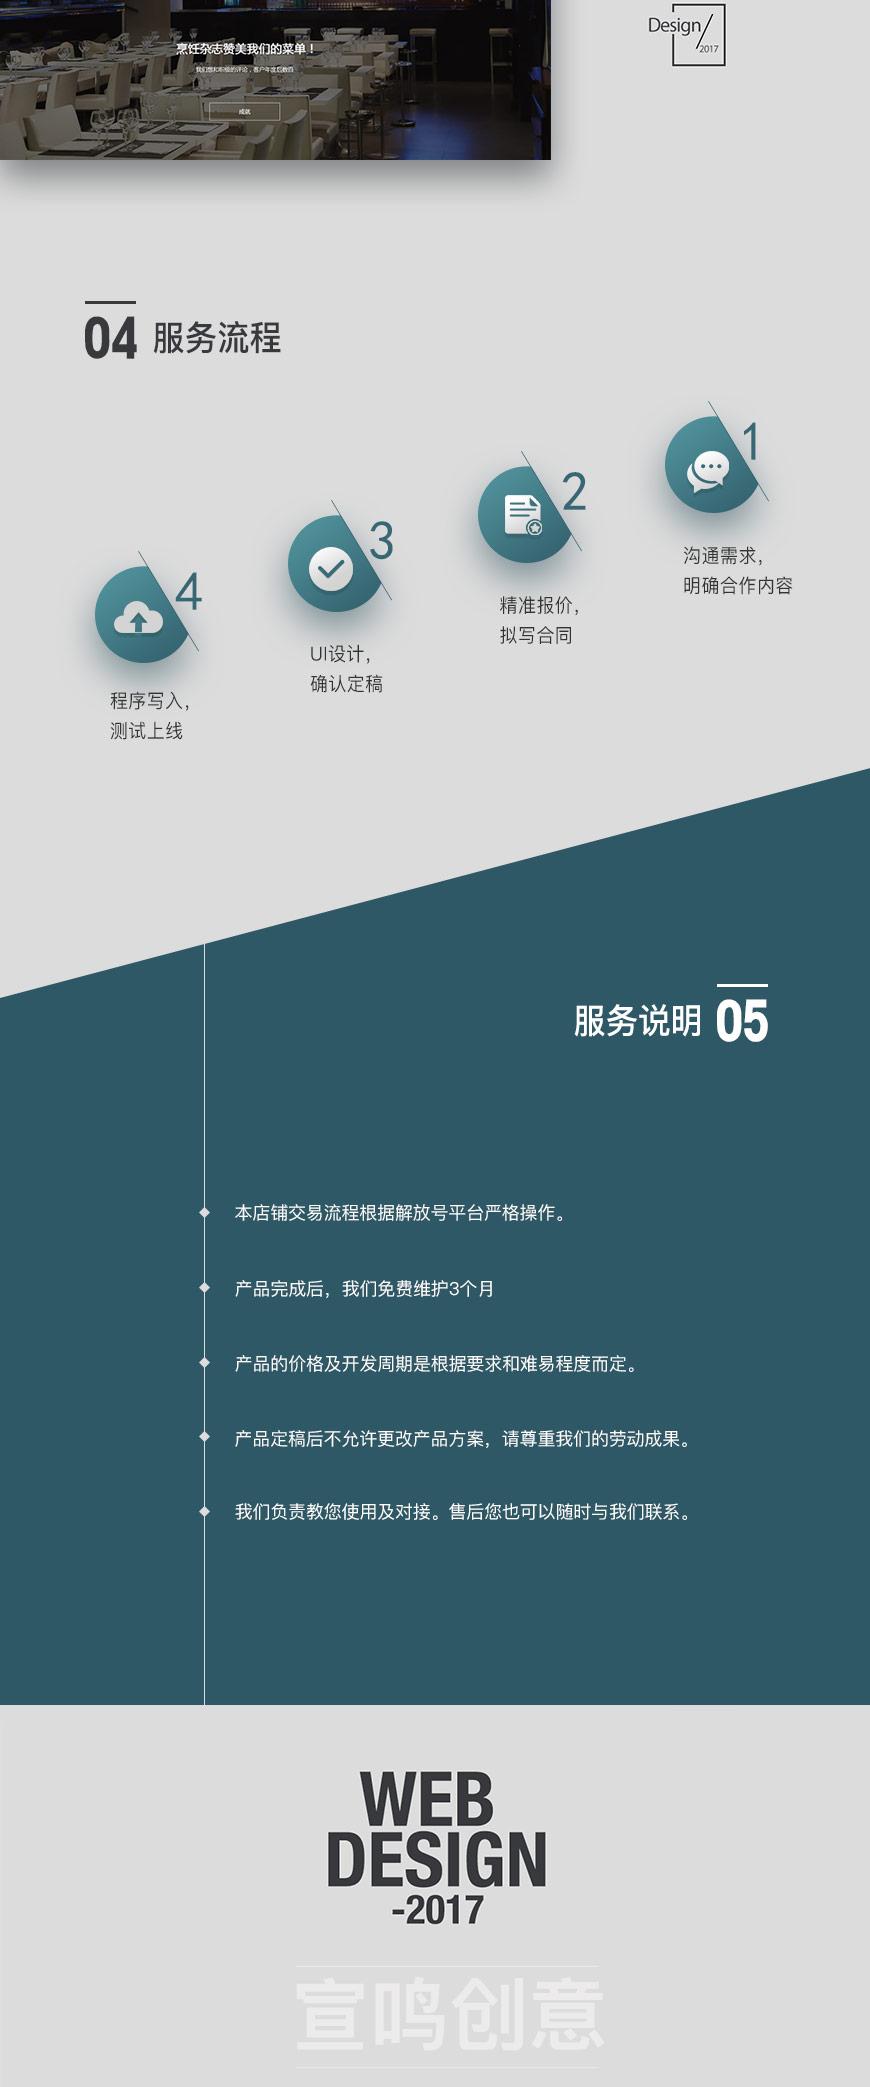 模板网站-详情页-02_04.jpg